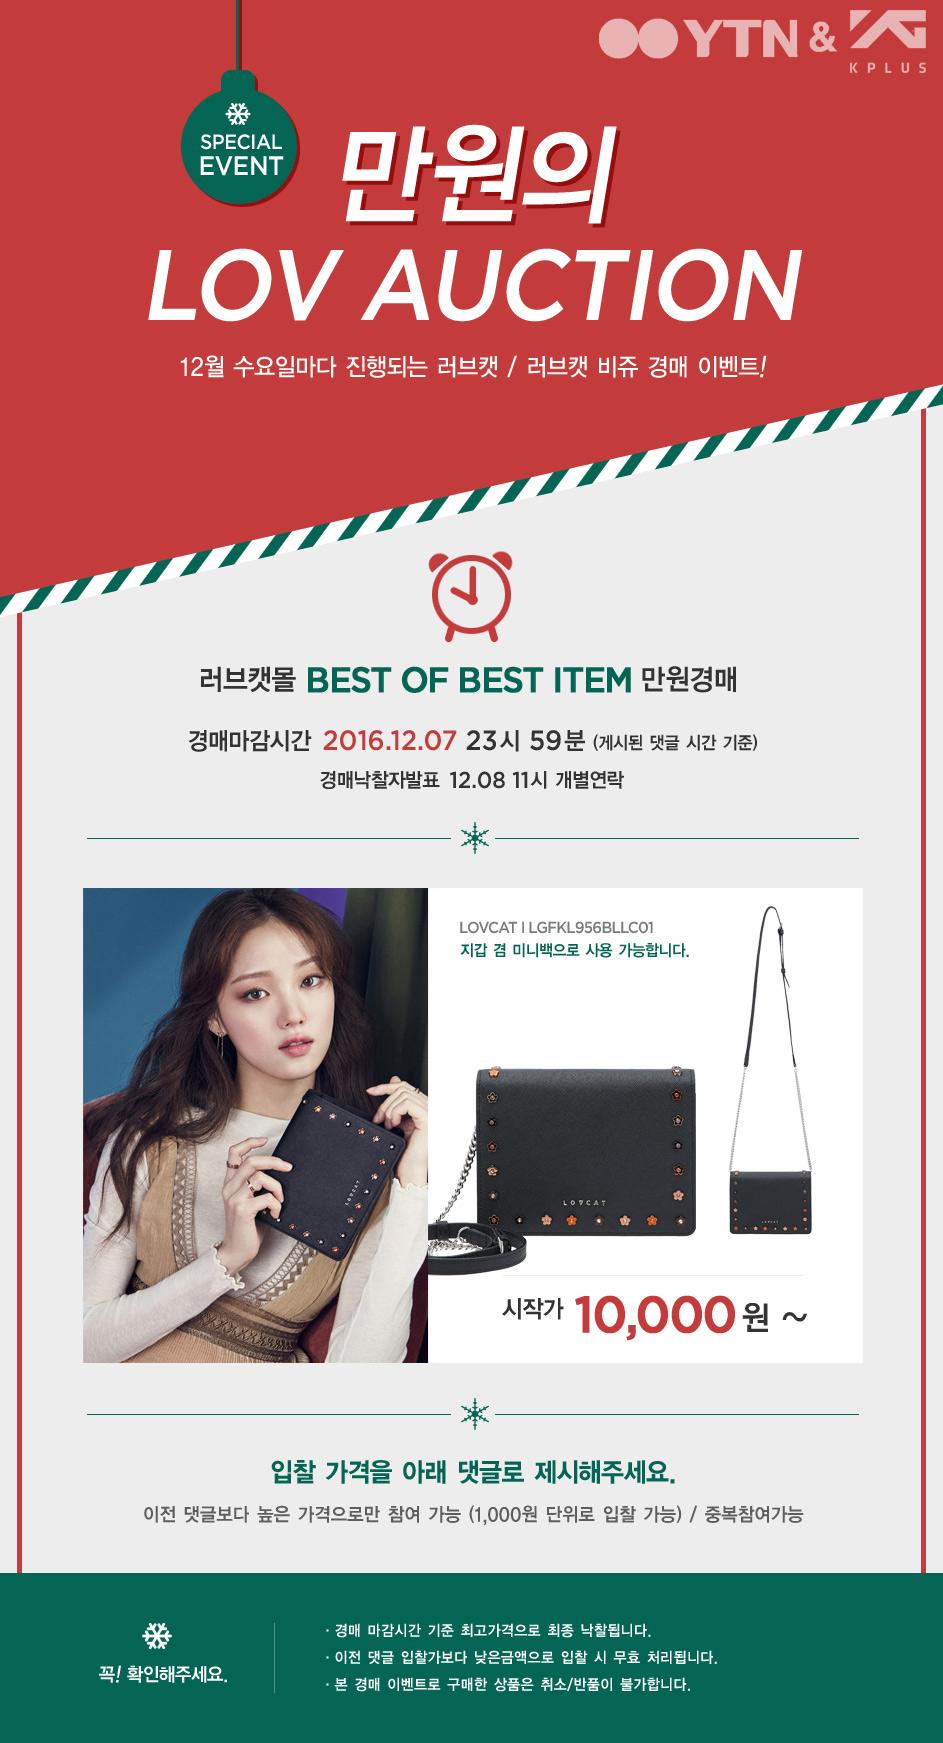 """러브캣, 만원의 """"LOV AUCTION"""" 경매 이벤트 진행"""